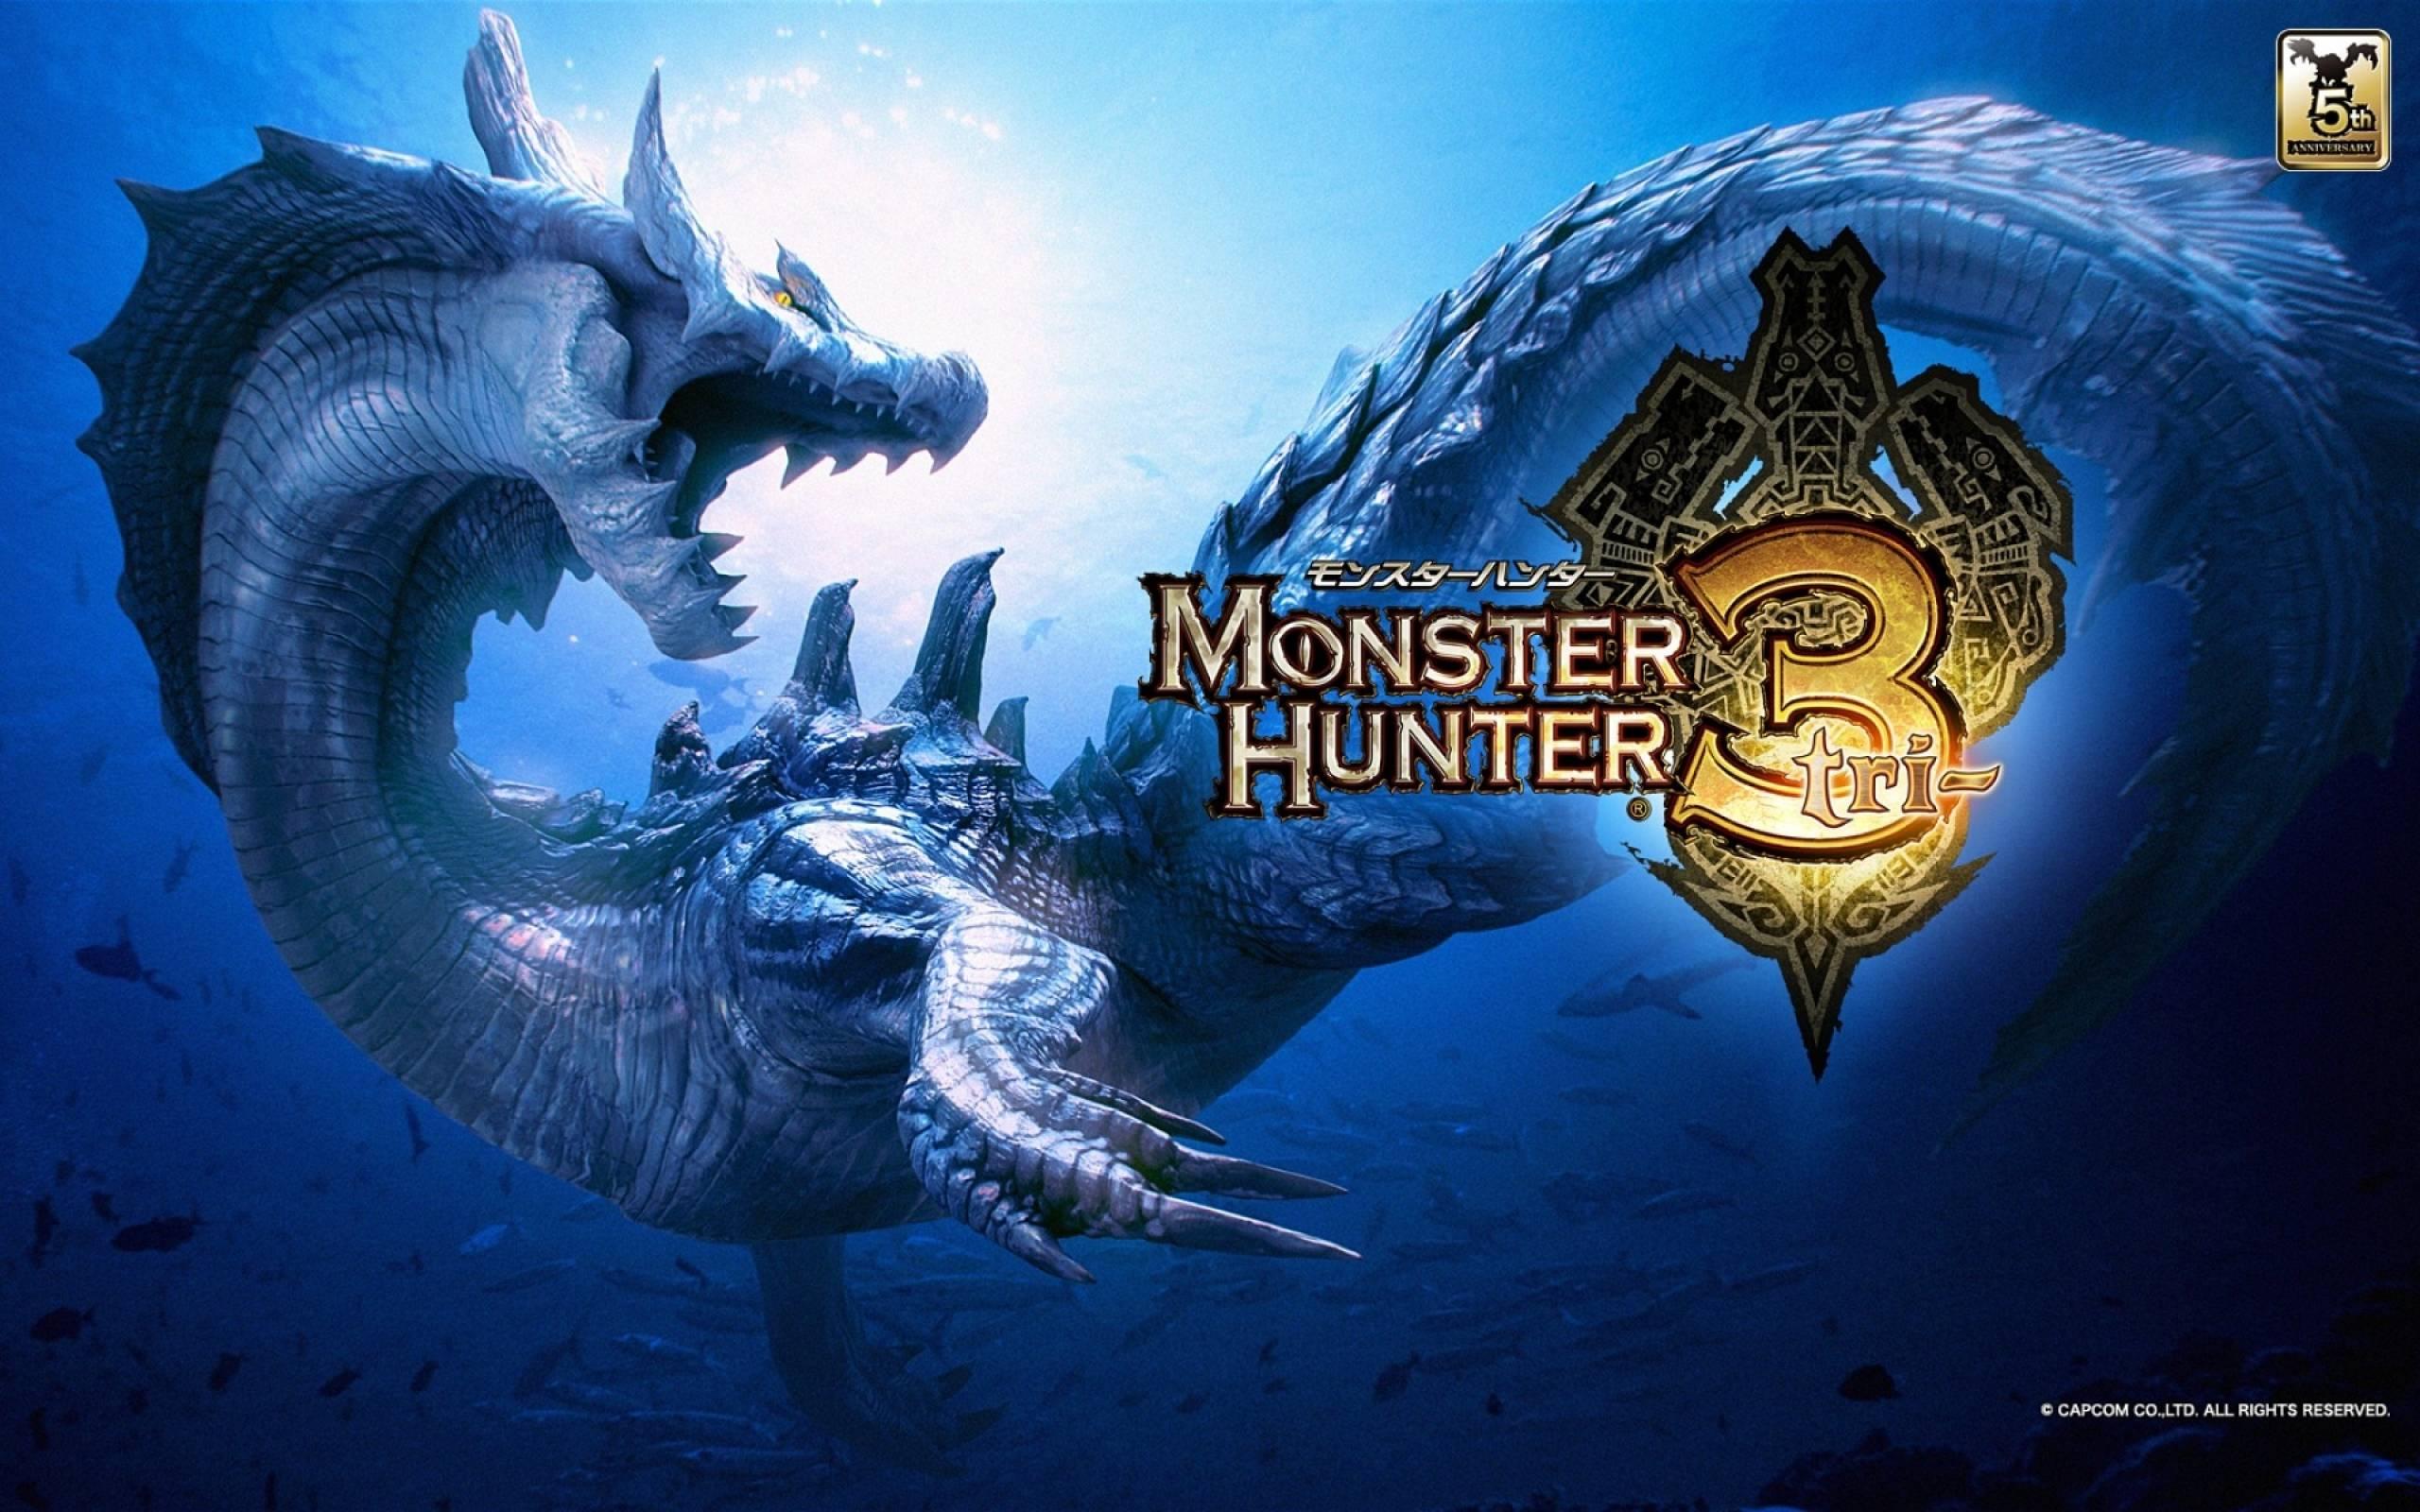 Monster Hunter 3 Ultimate Details